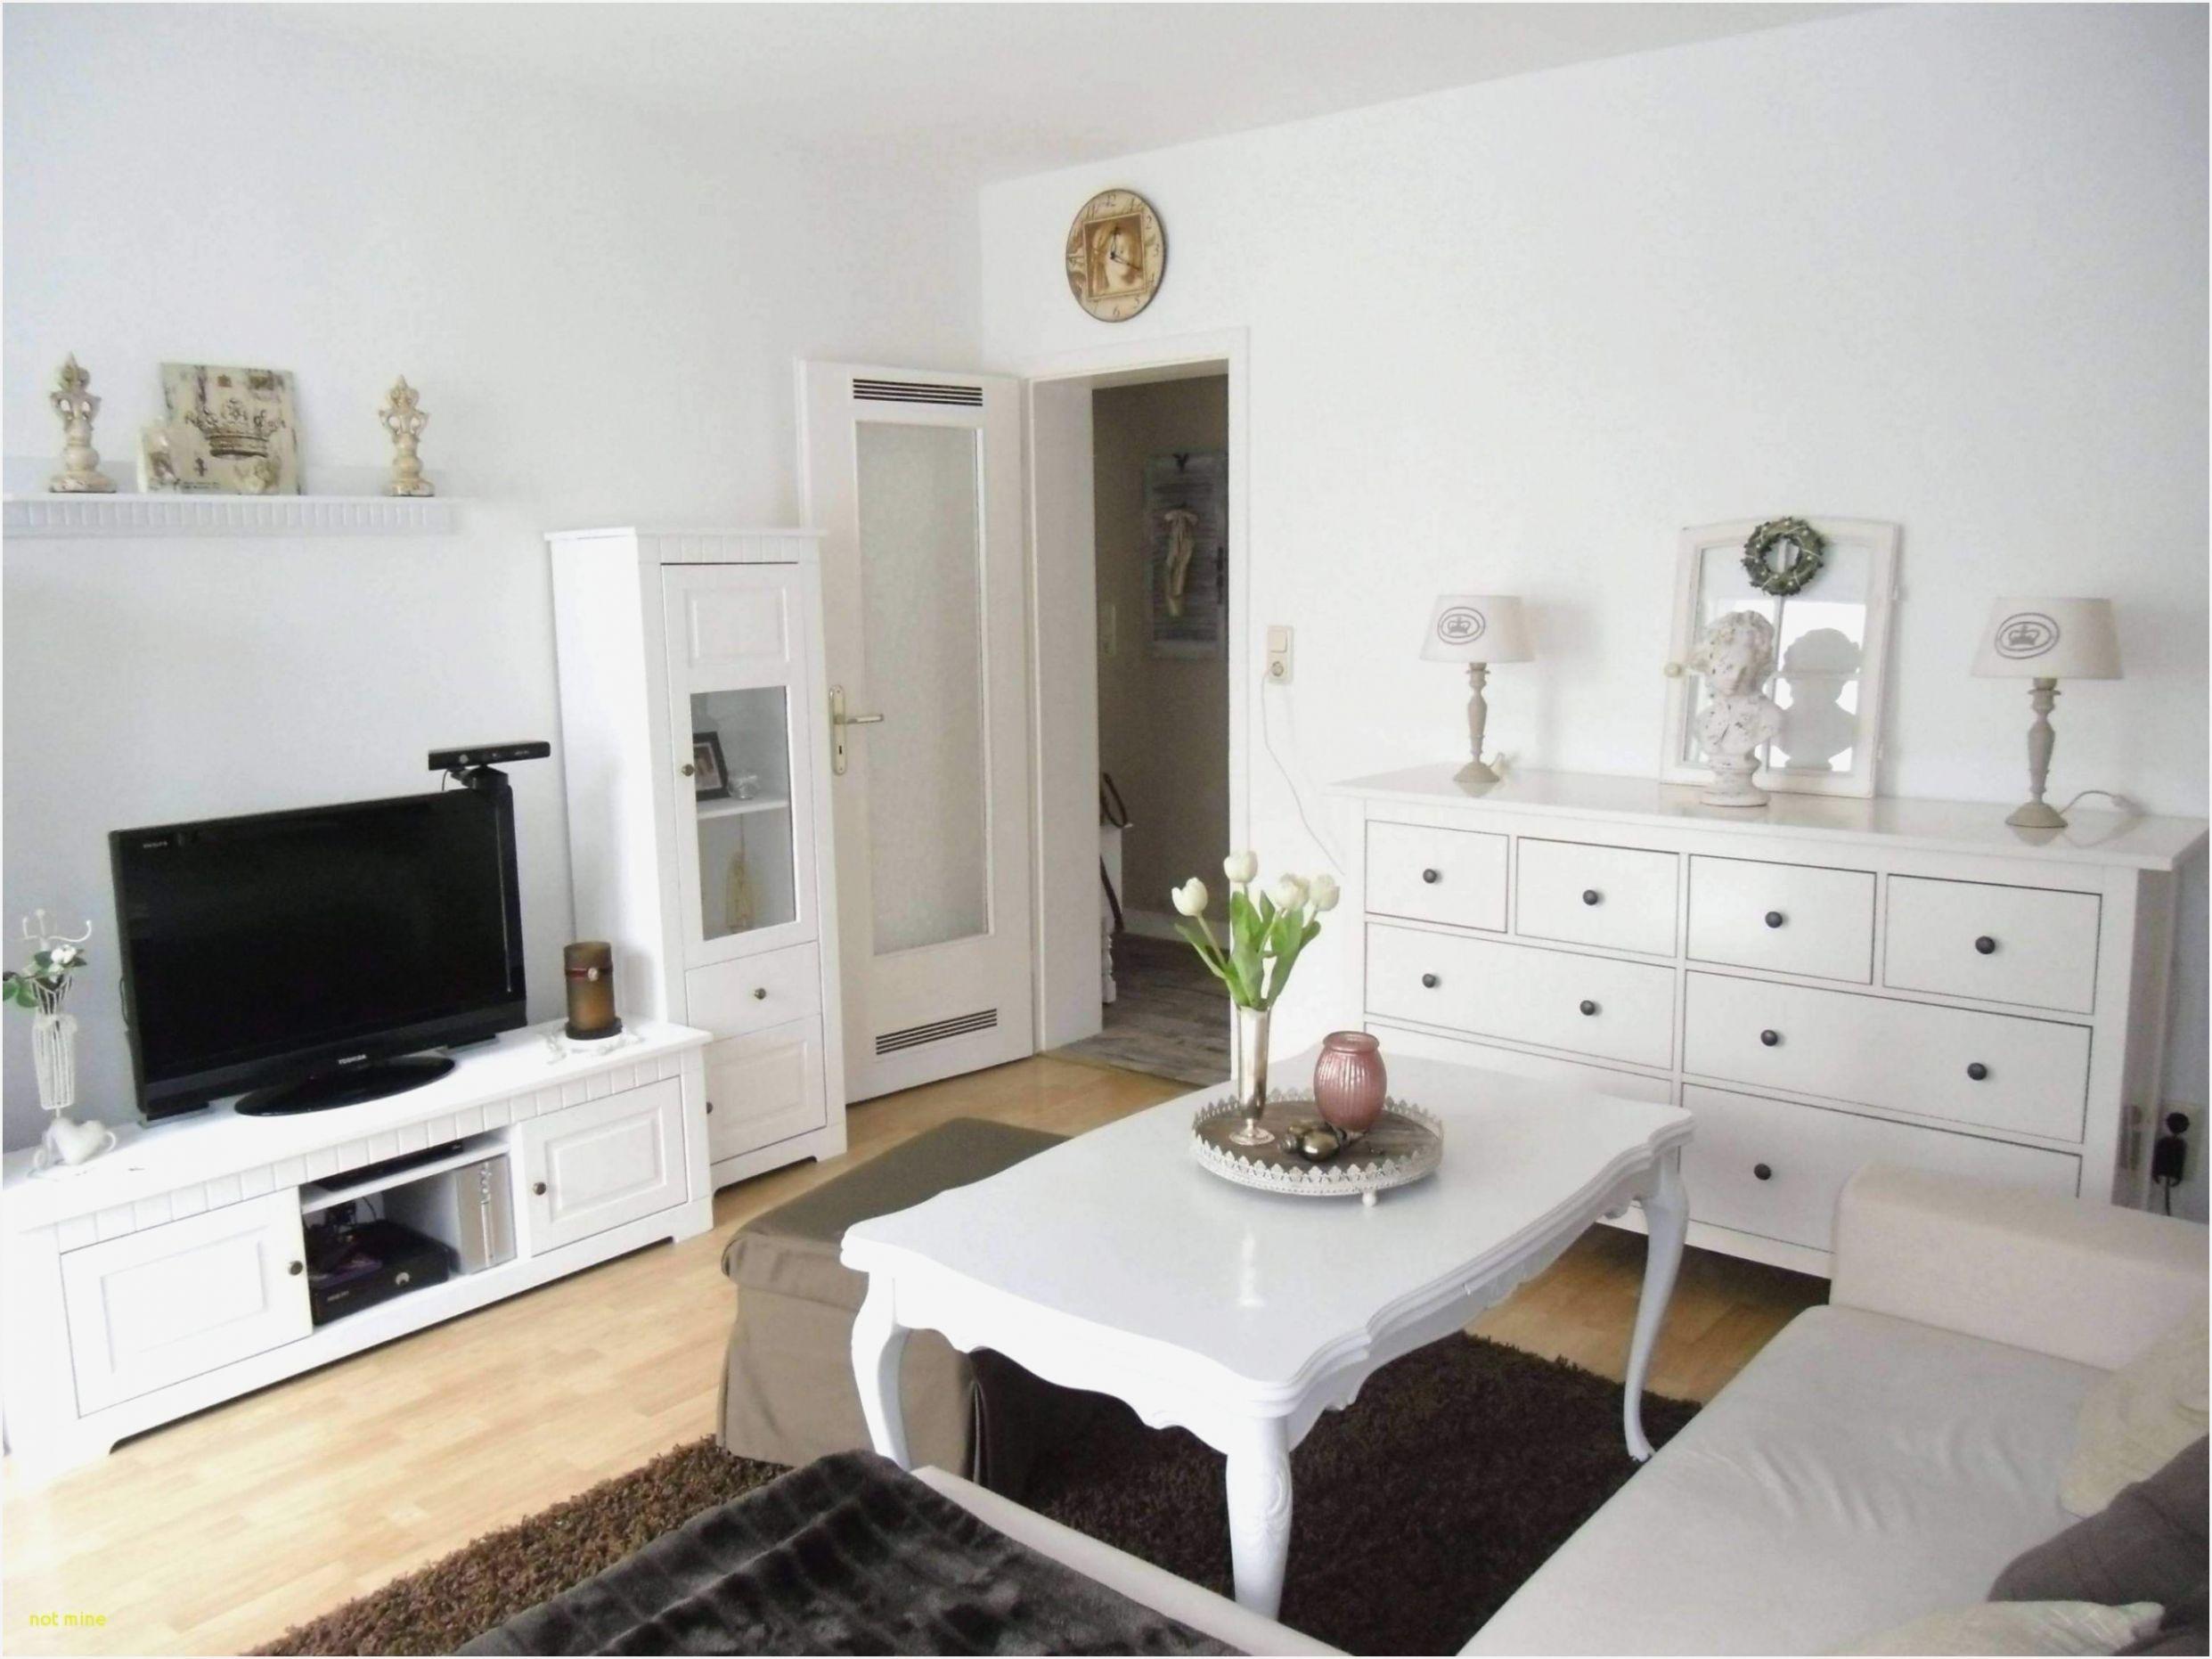 8 Wohnzimmer Möbel Willhaben di 8  Ide dekorasi rumah